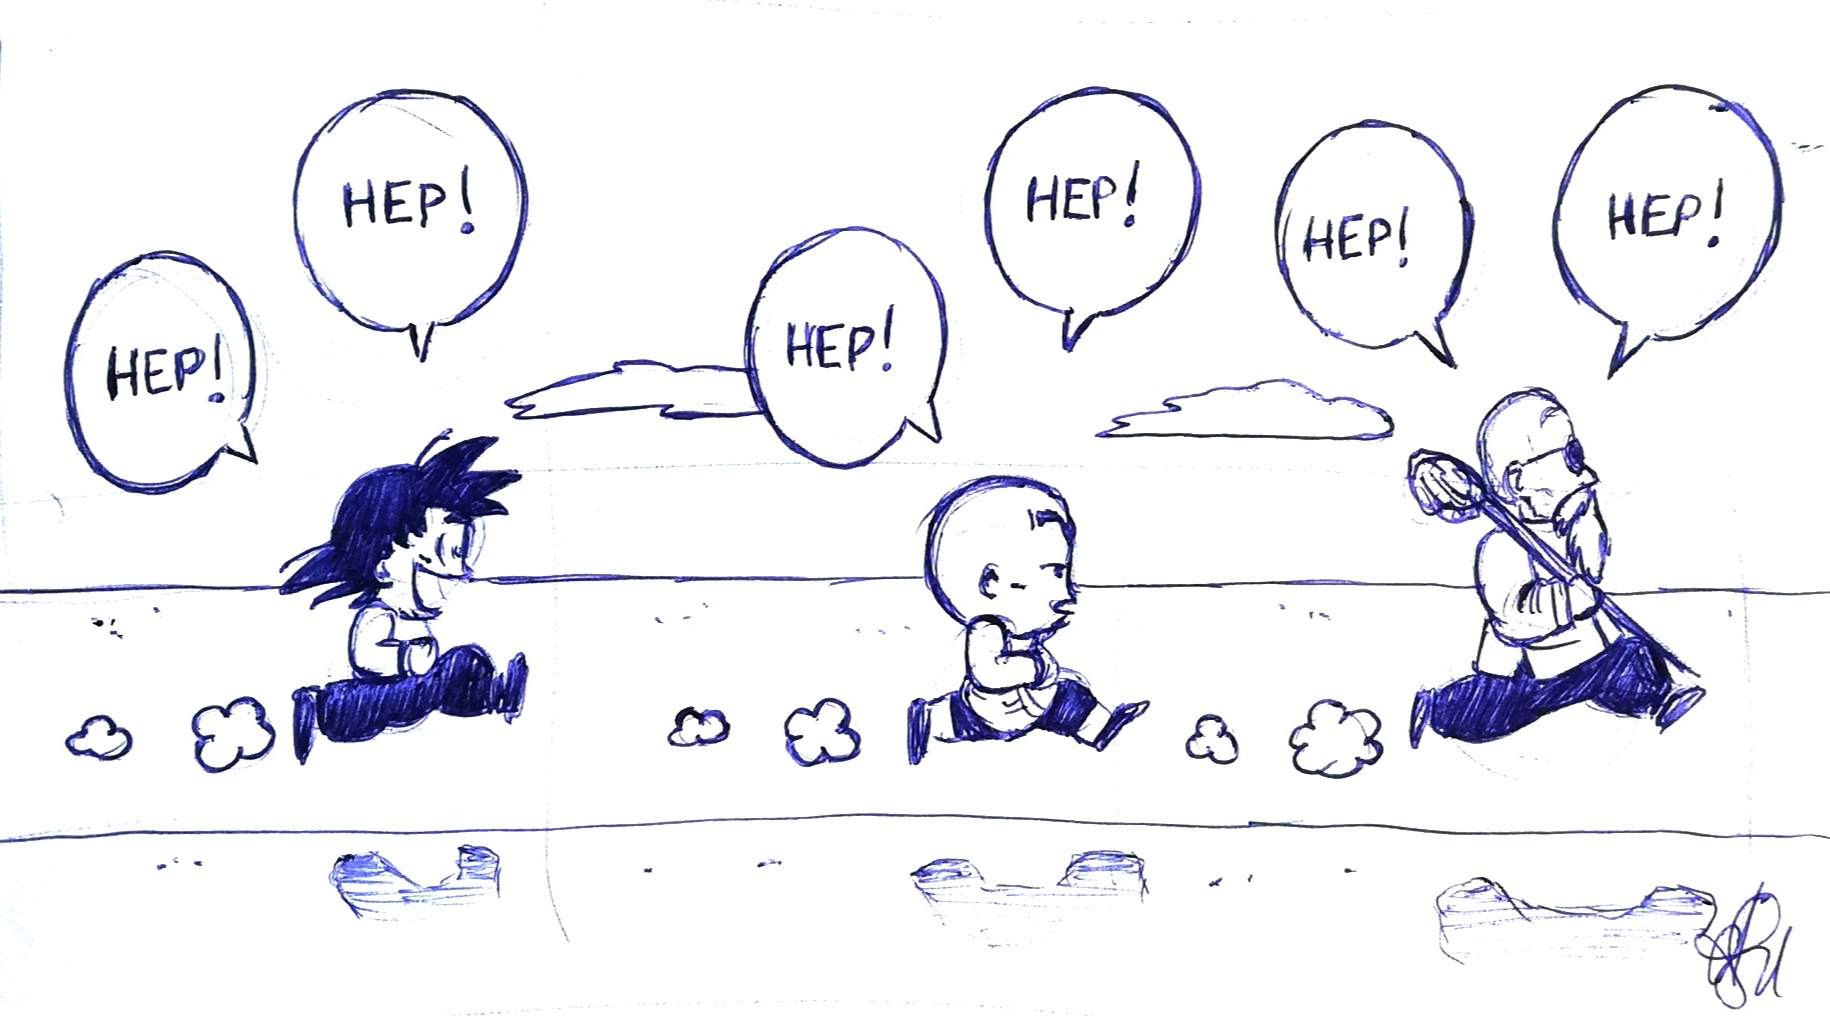 Fanart Sketch practice: Dragonball/Hep! Hep!